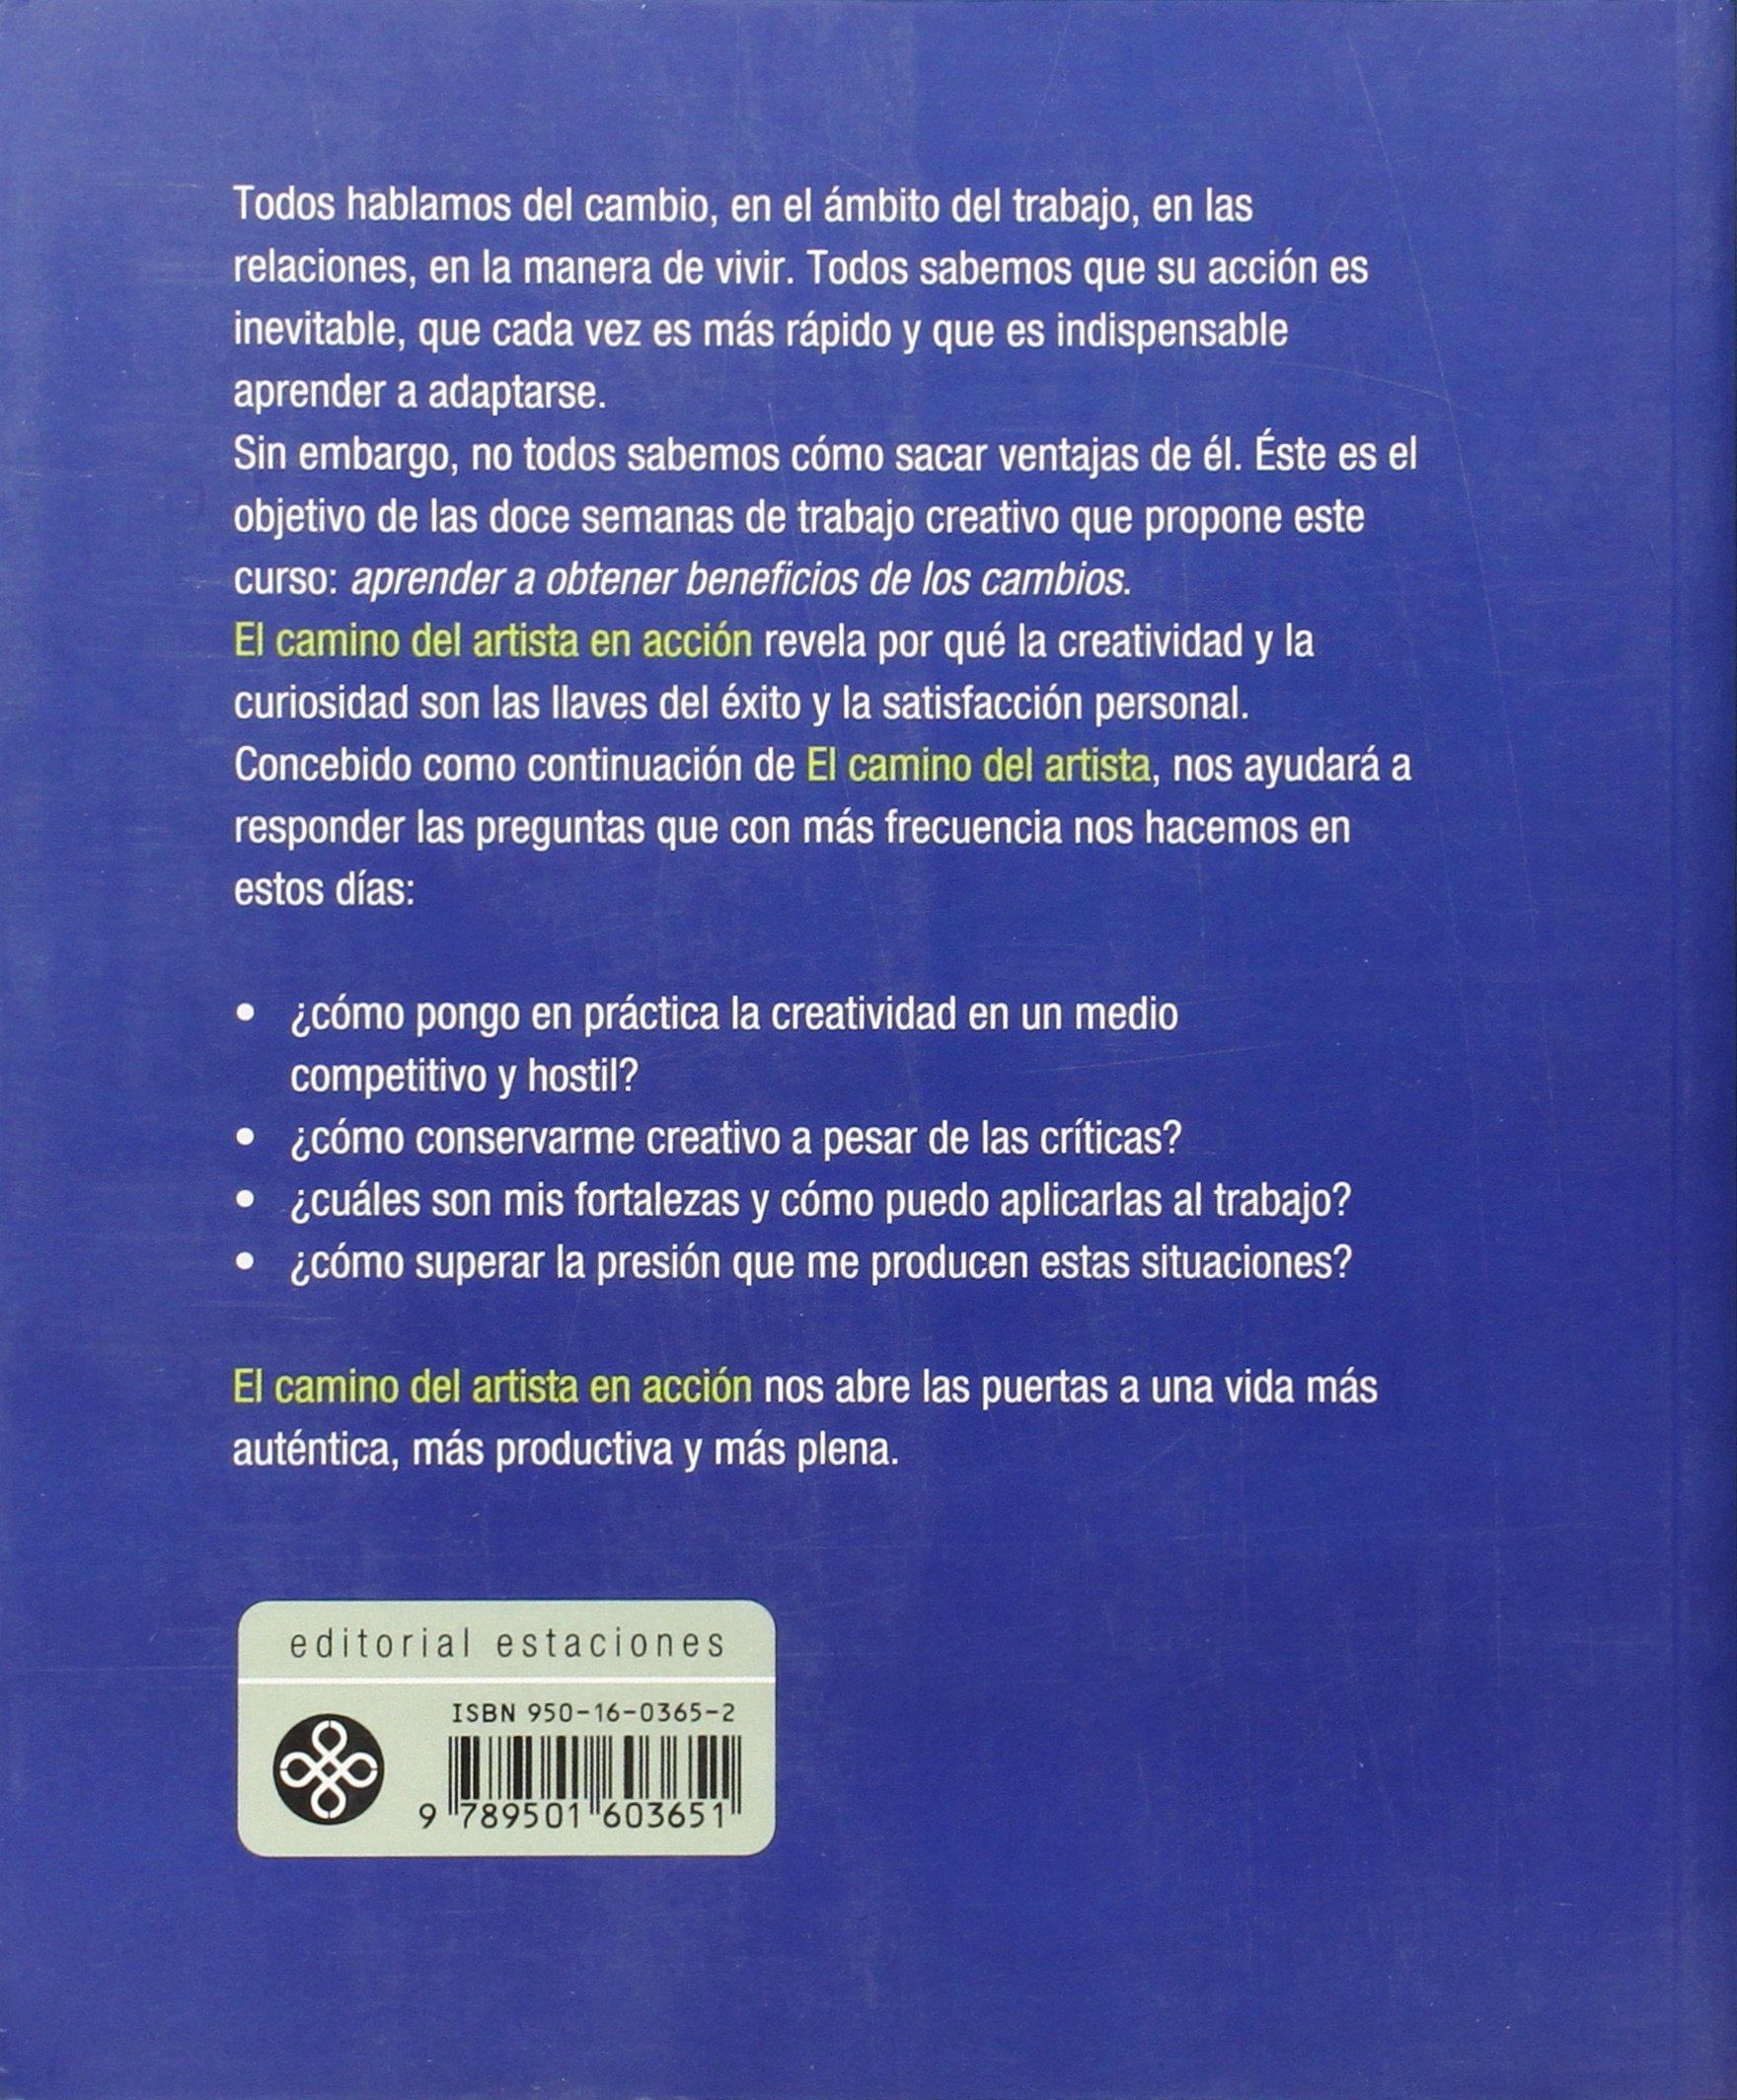 Camino Del Artista En Accion: Amazon.es: Mark Bryan, Catherine Allen, Julia  Cameron: Libros